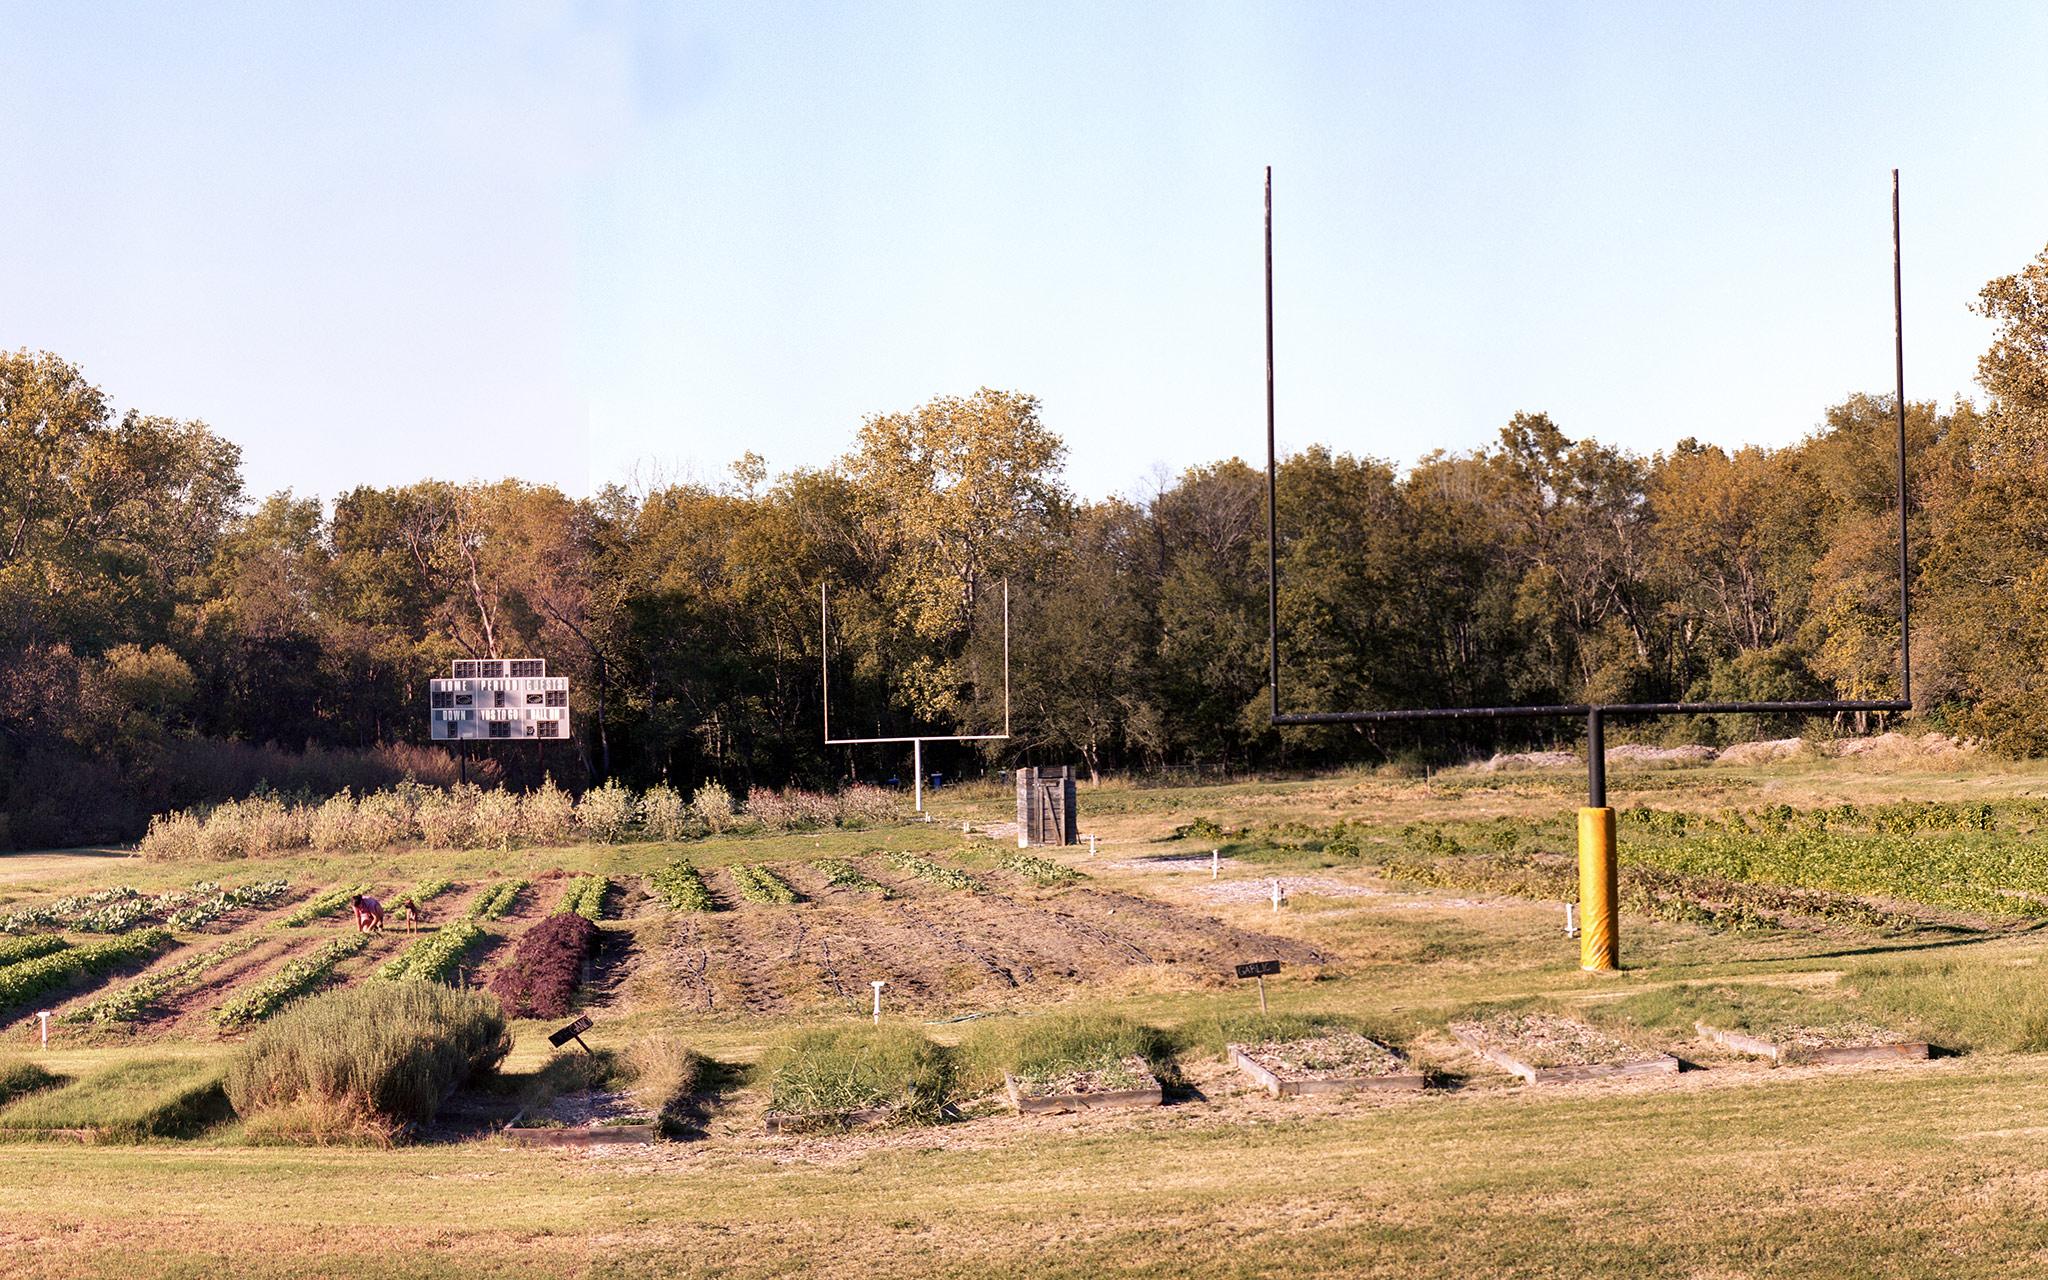 Between the goalposts